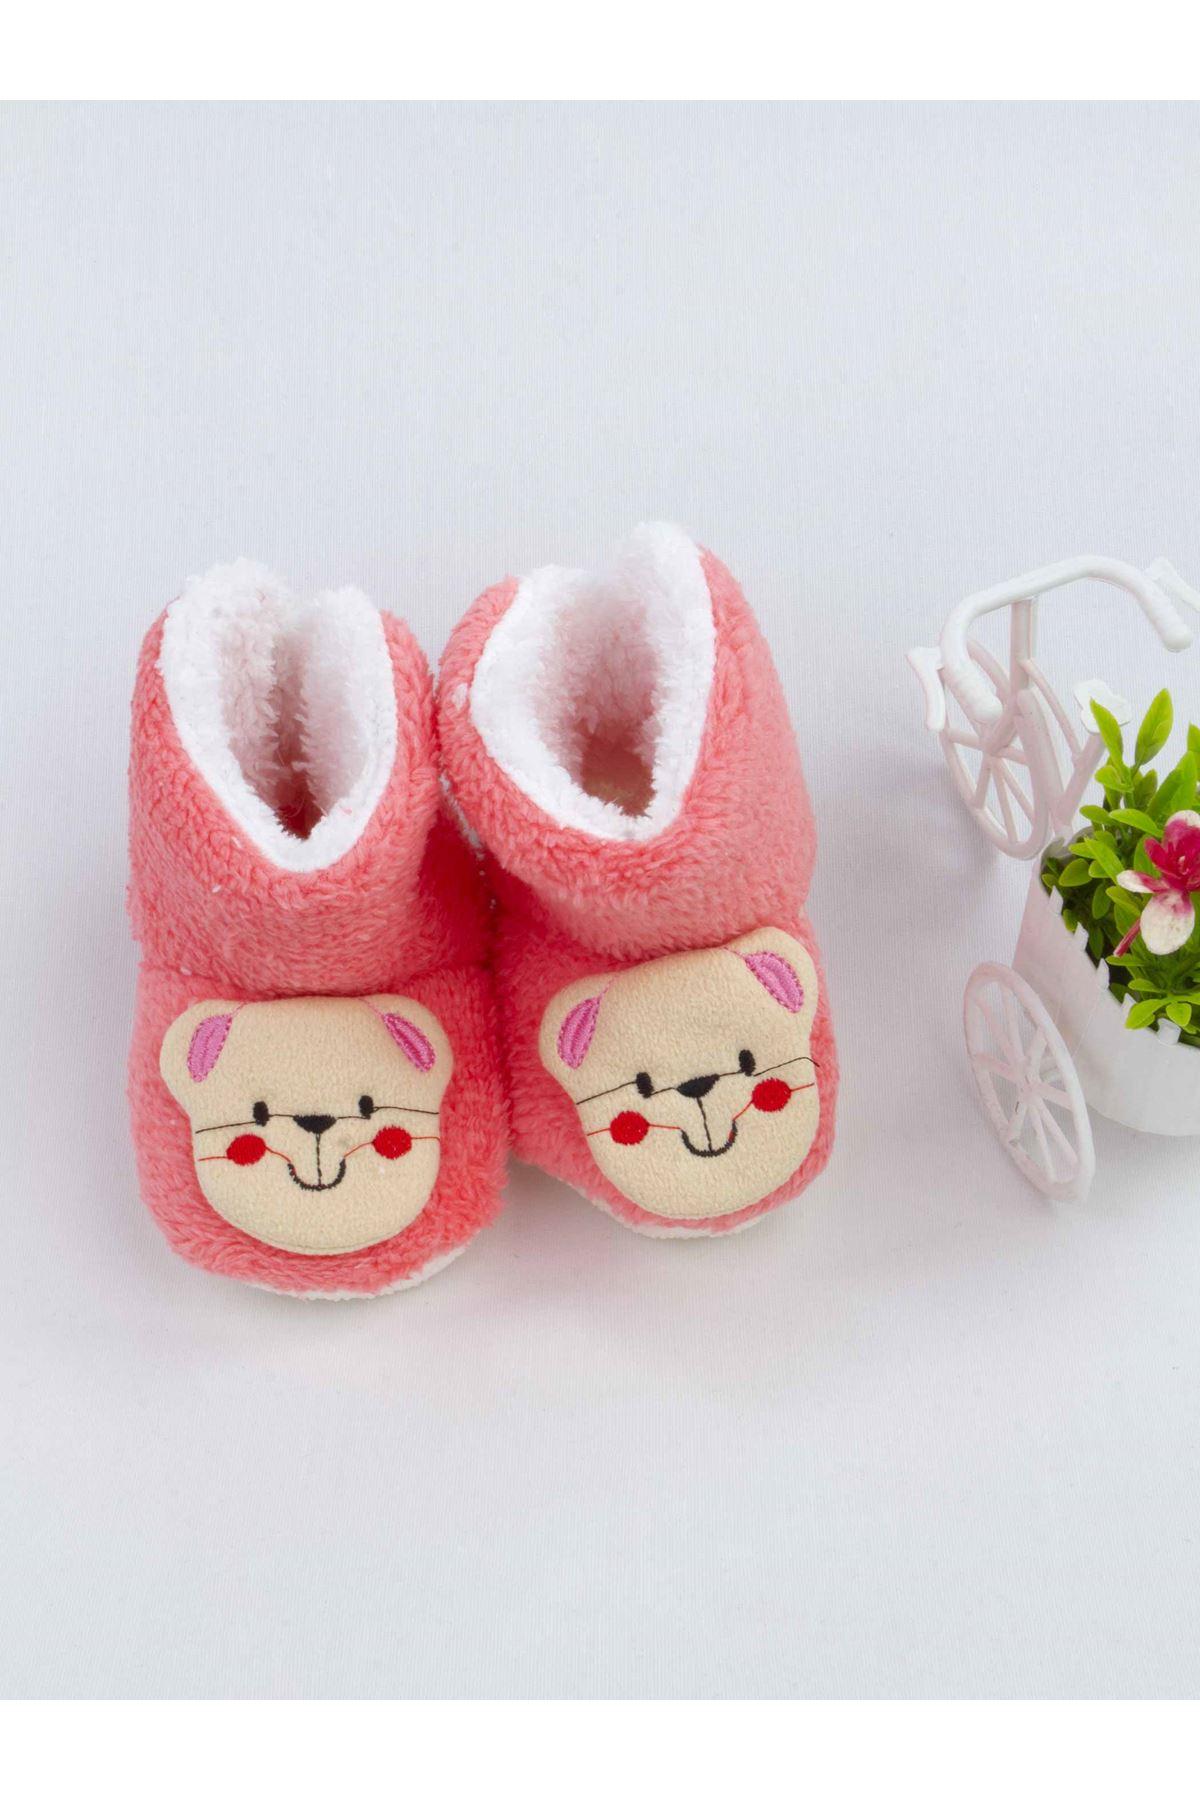 Narçiçeği Ayıcık Figürlü Kız Bebek Welsoft Panduf